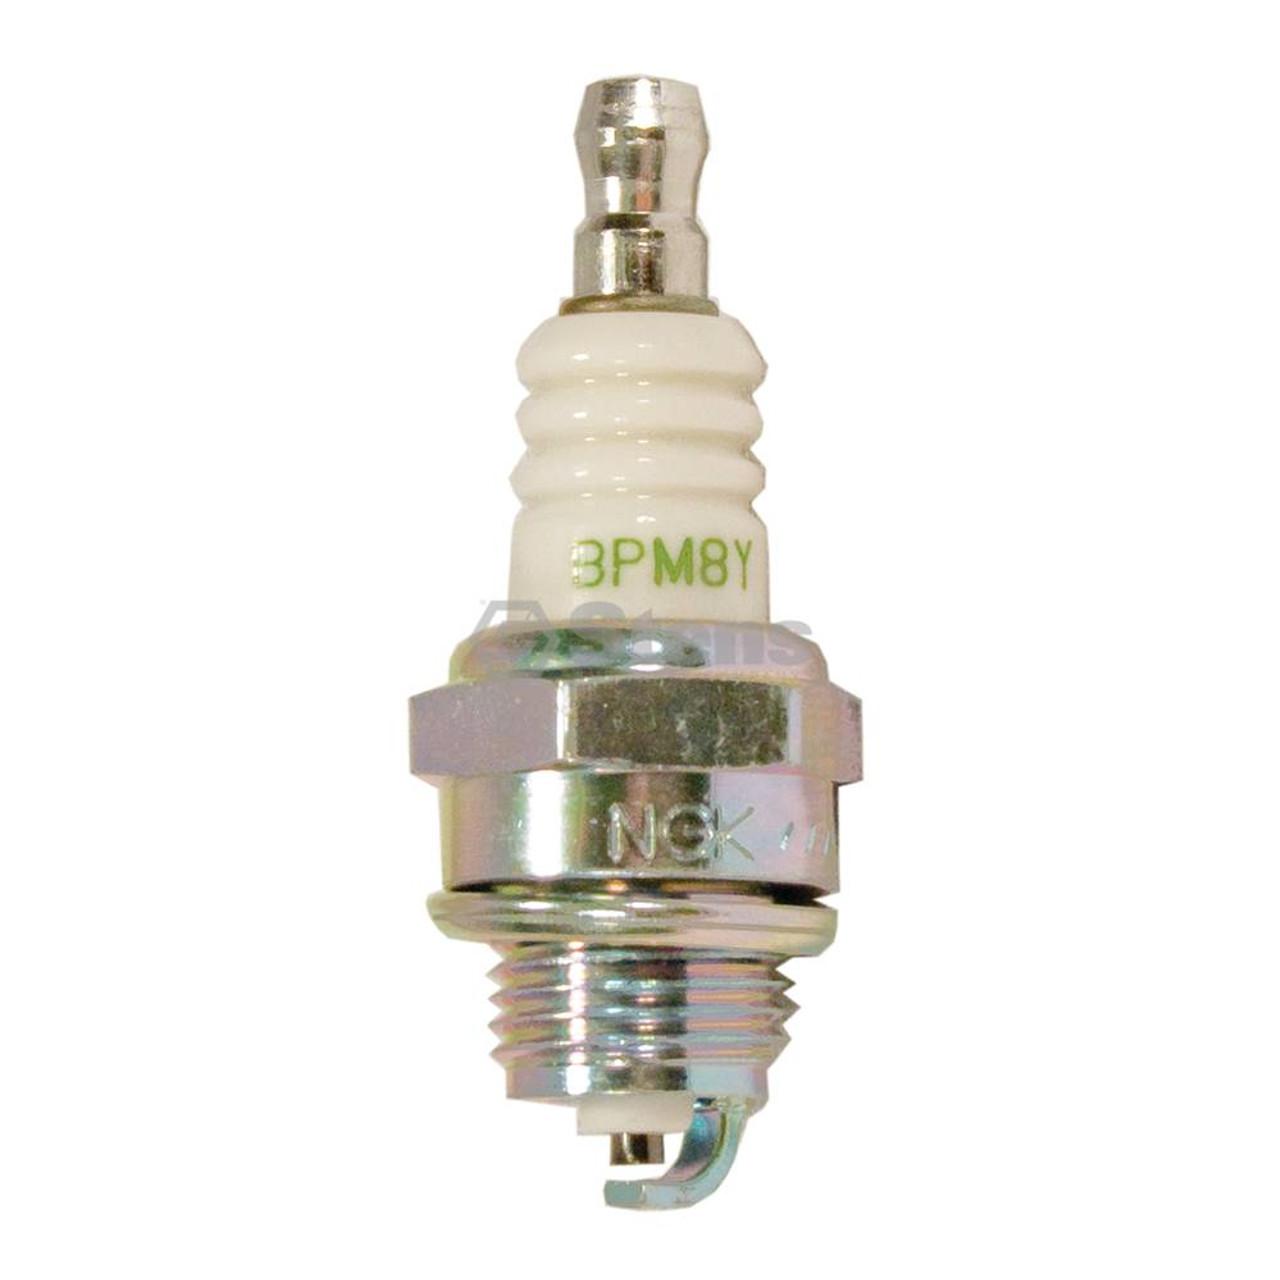 Spark Plug / NGK BPM8Y